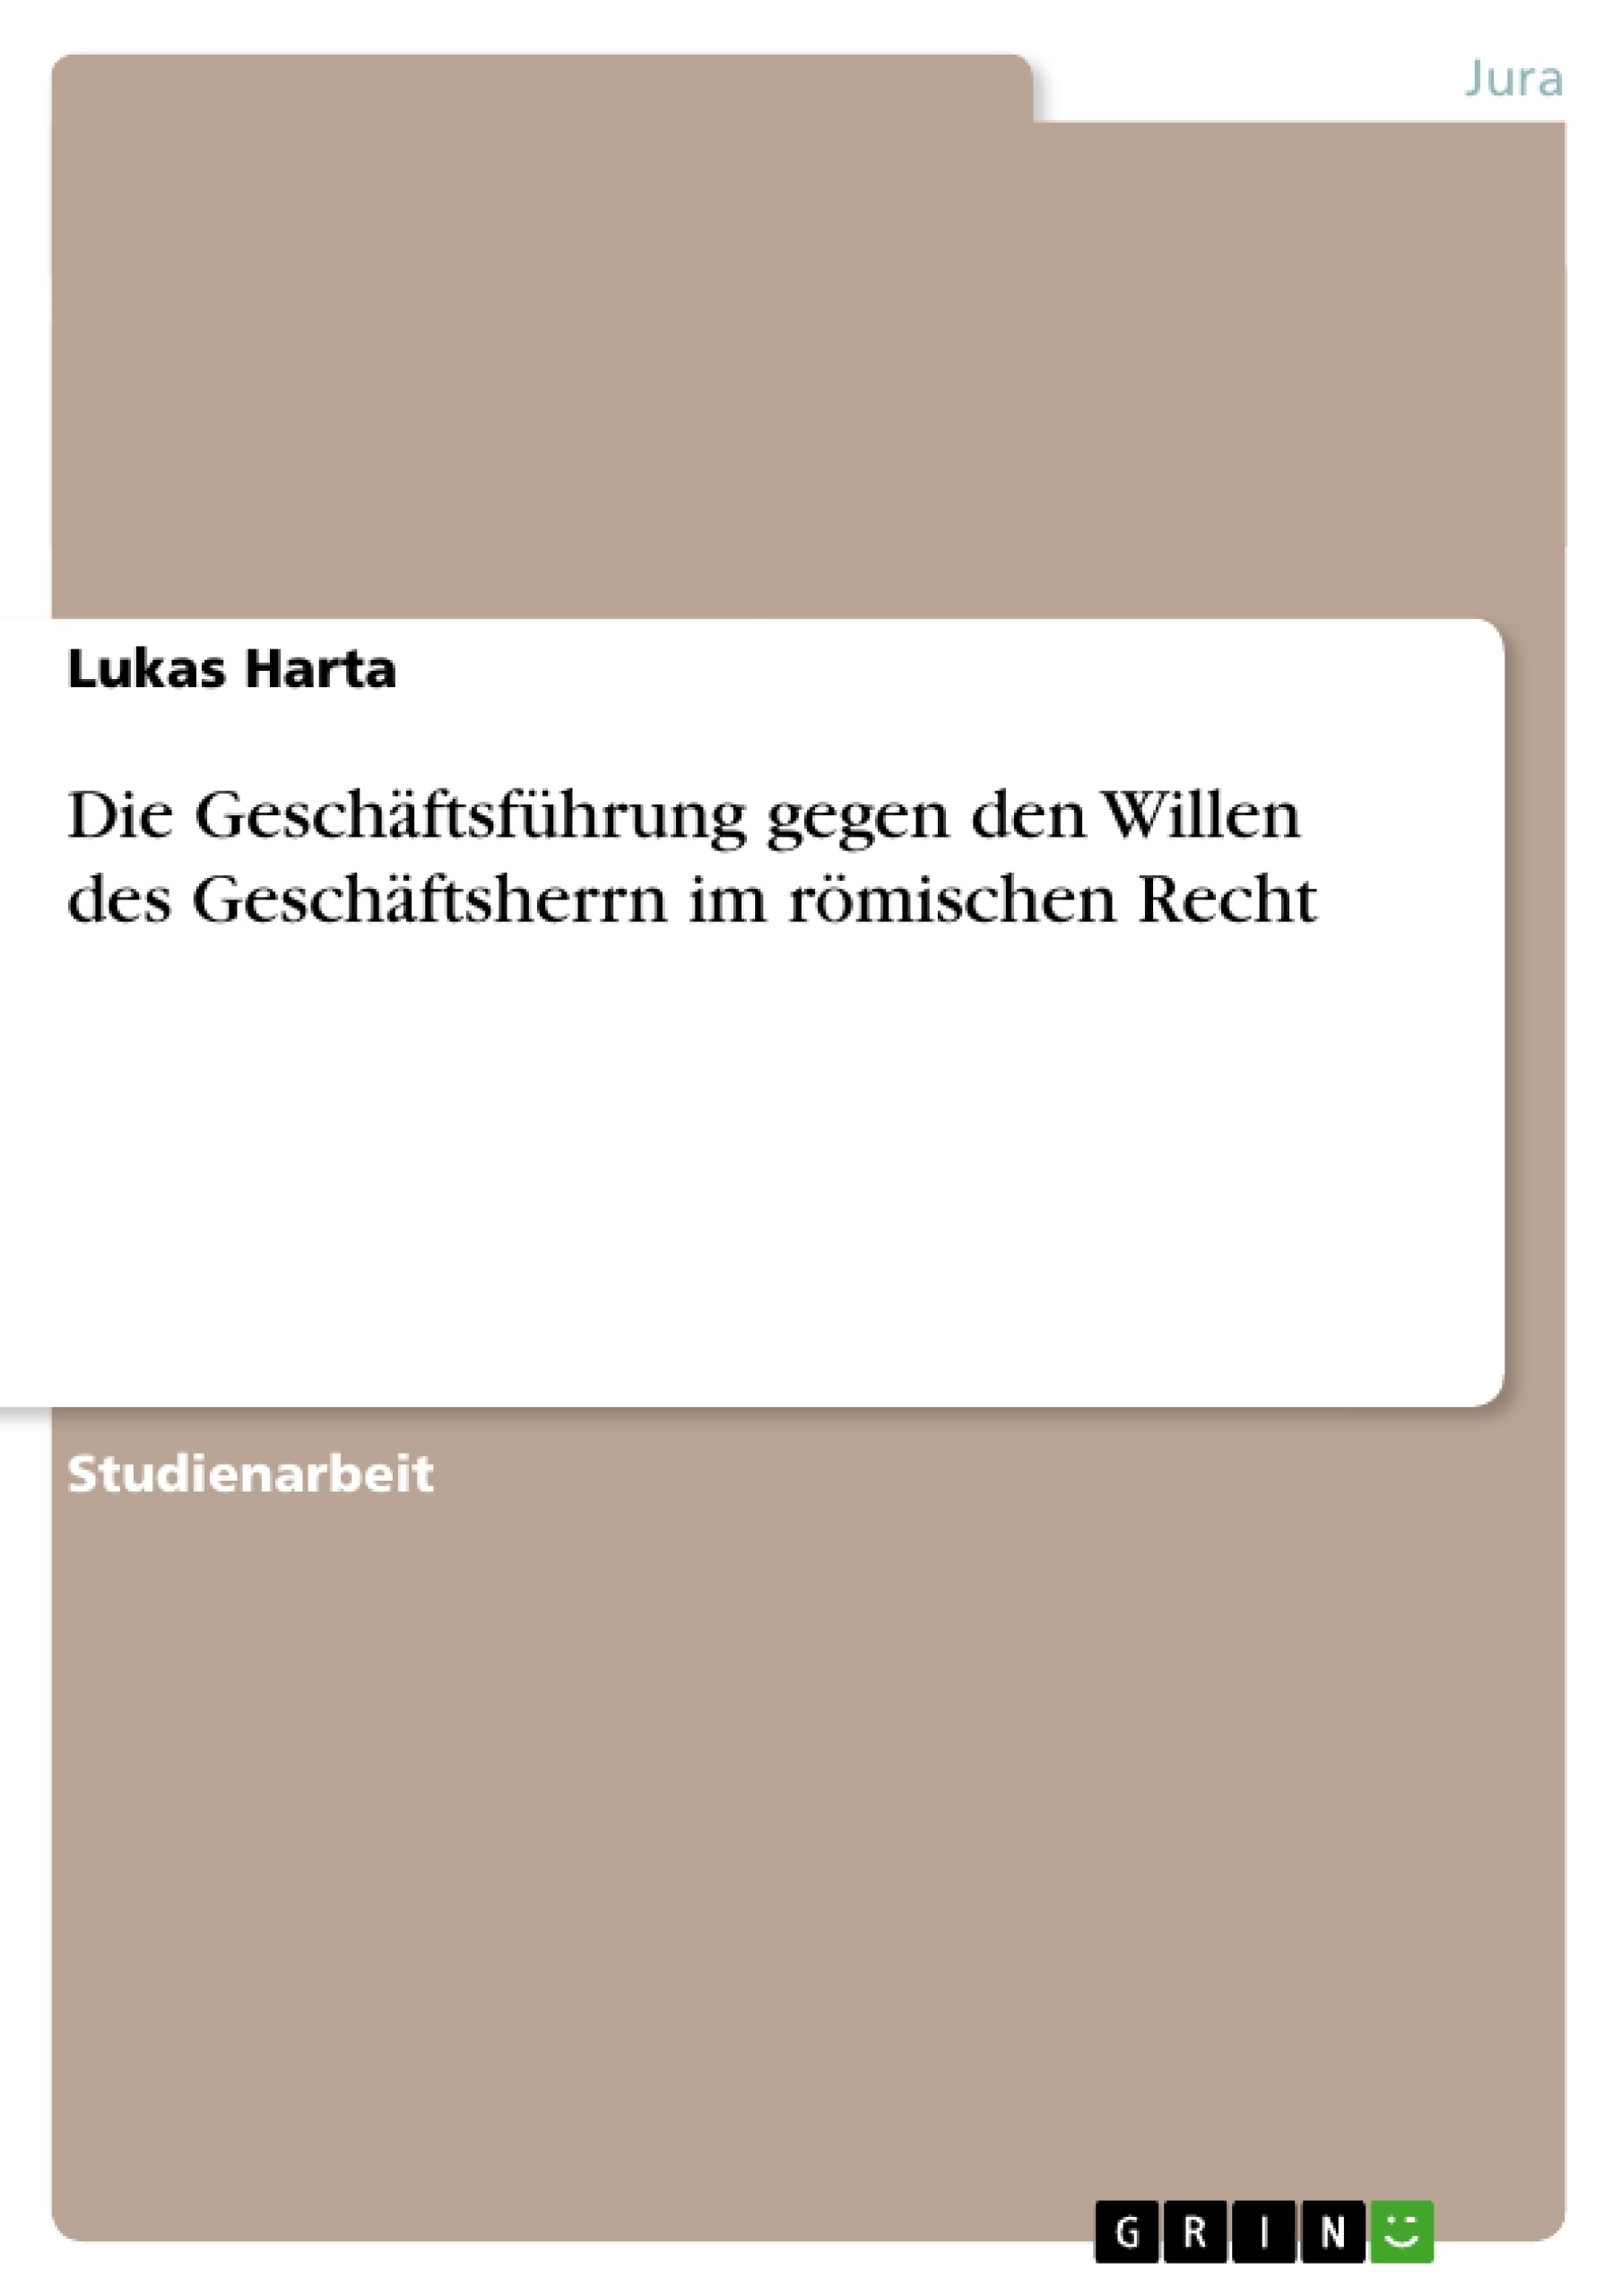 Titel: Die Geschäftsführung gegen den Willen des Geschäftsherrn im römischen Recht